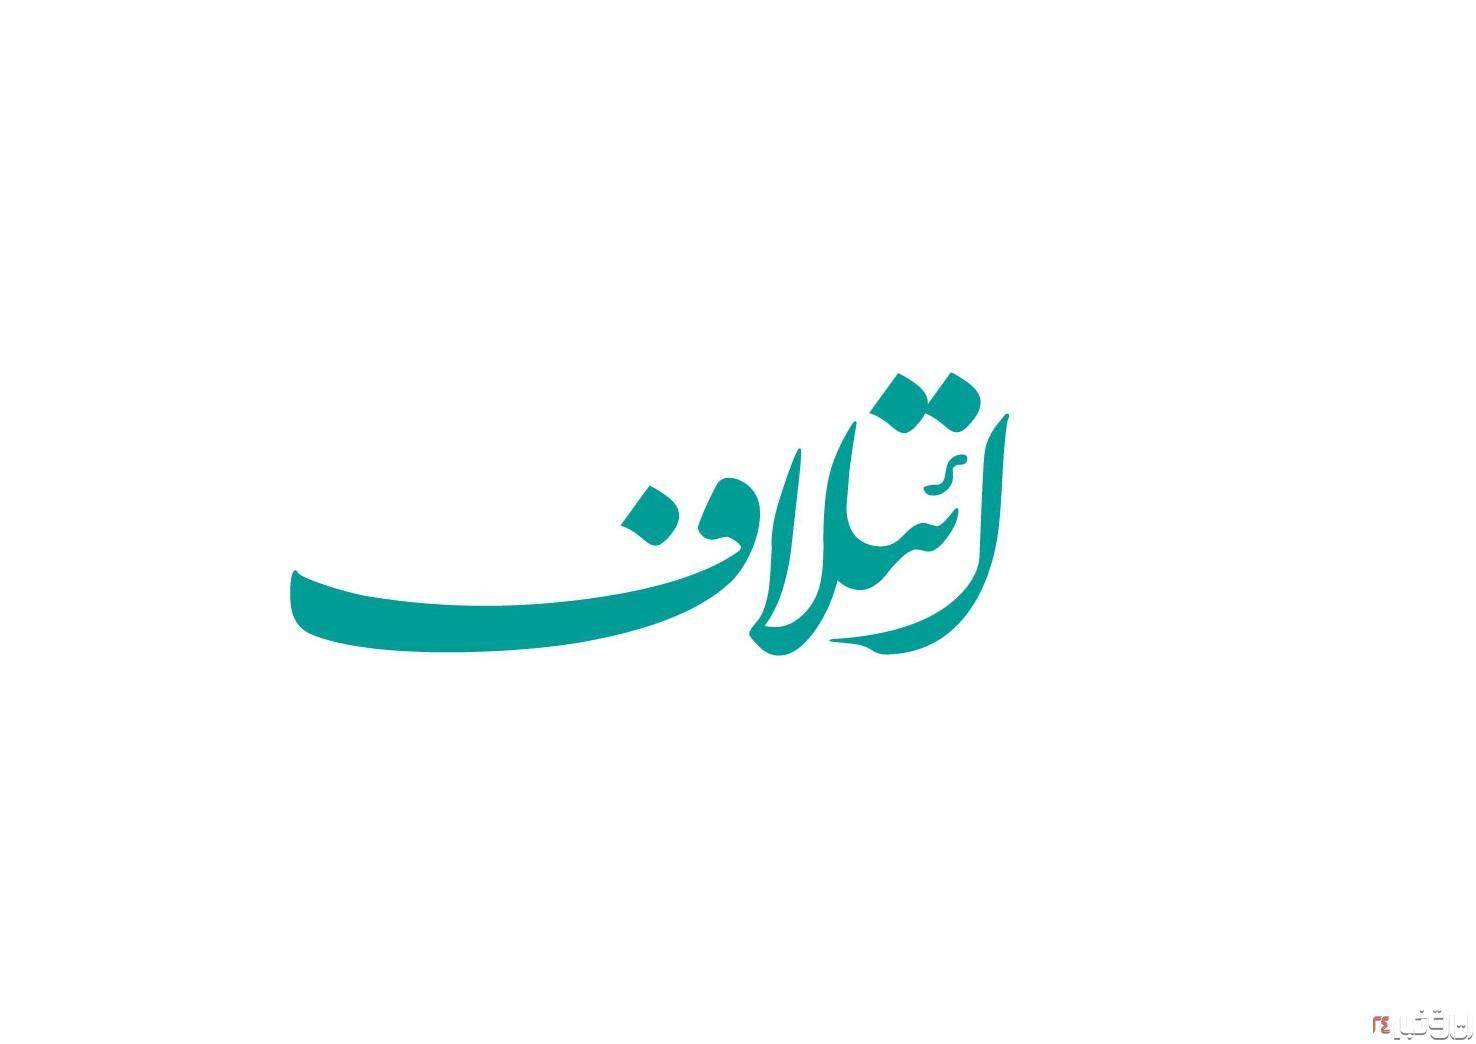 ائتلاف دهه شصتی ها در انتخابات شورای شهر بوشهر تشکیل شد